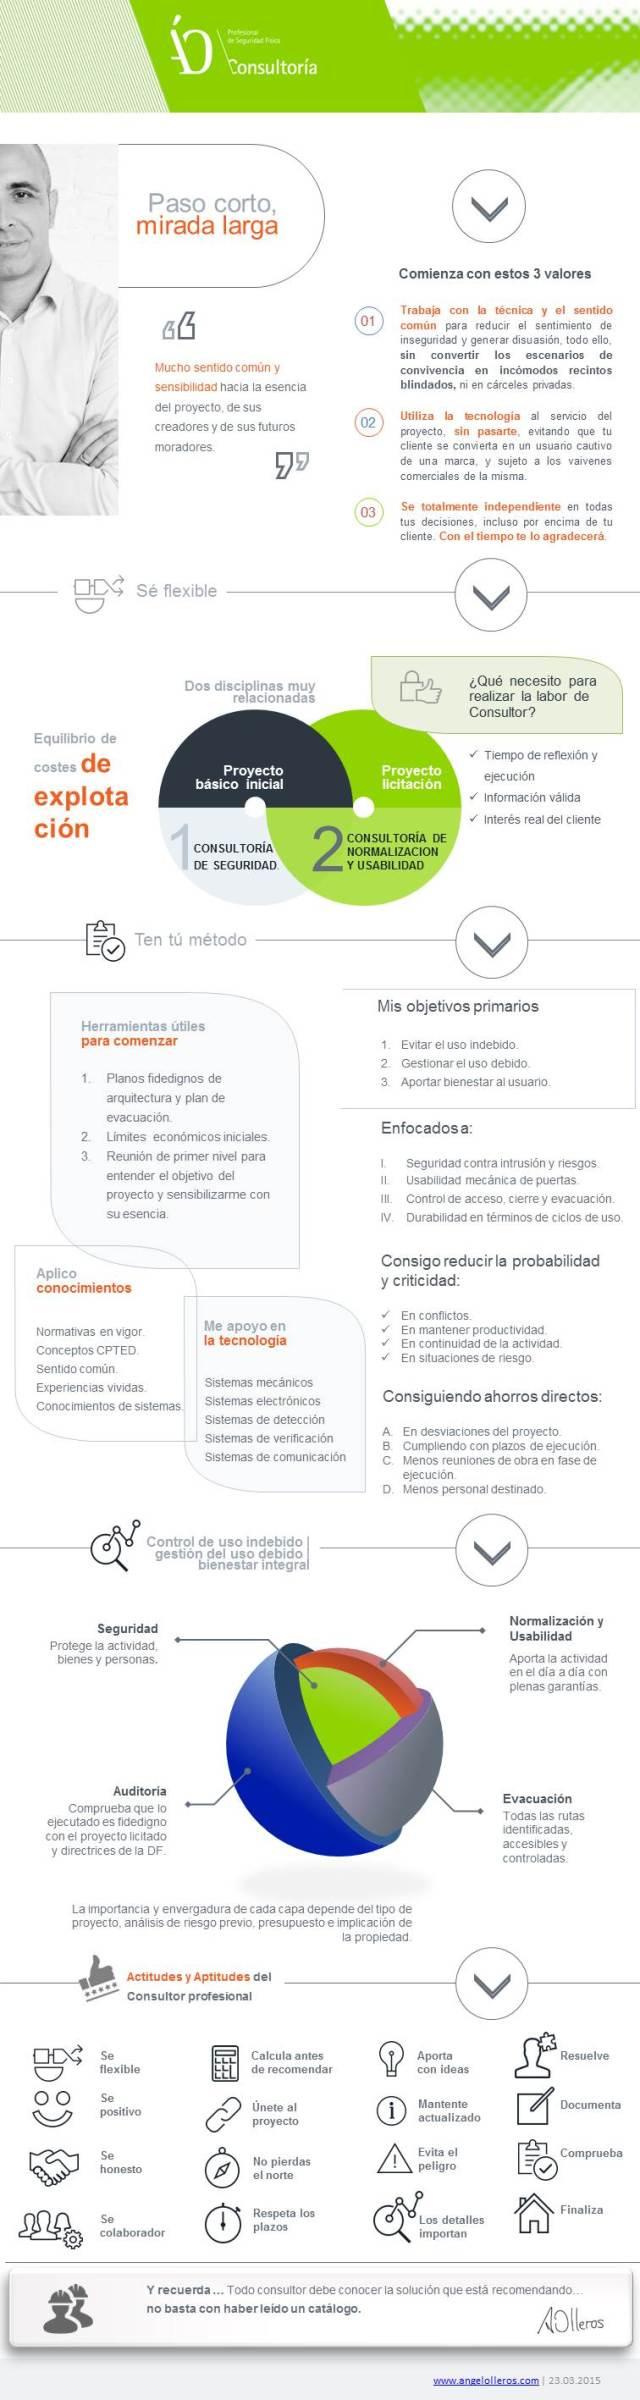 metodo de trabajo de angel olleros_consultoría seguridad fisica.